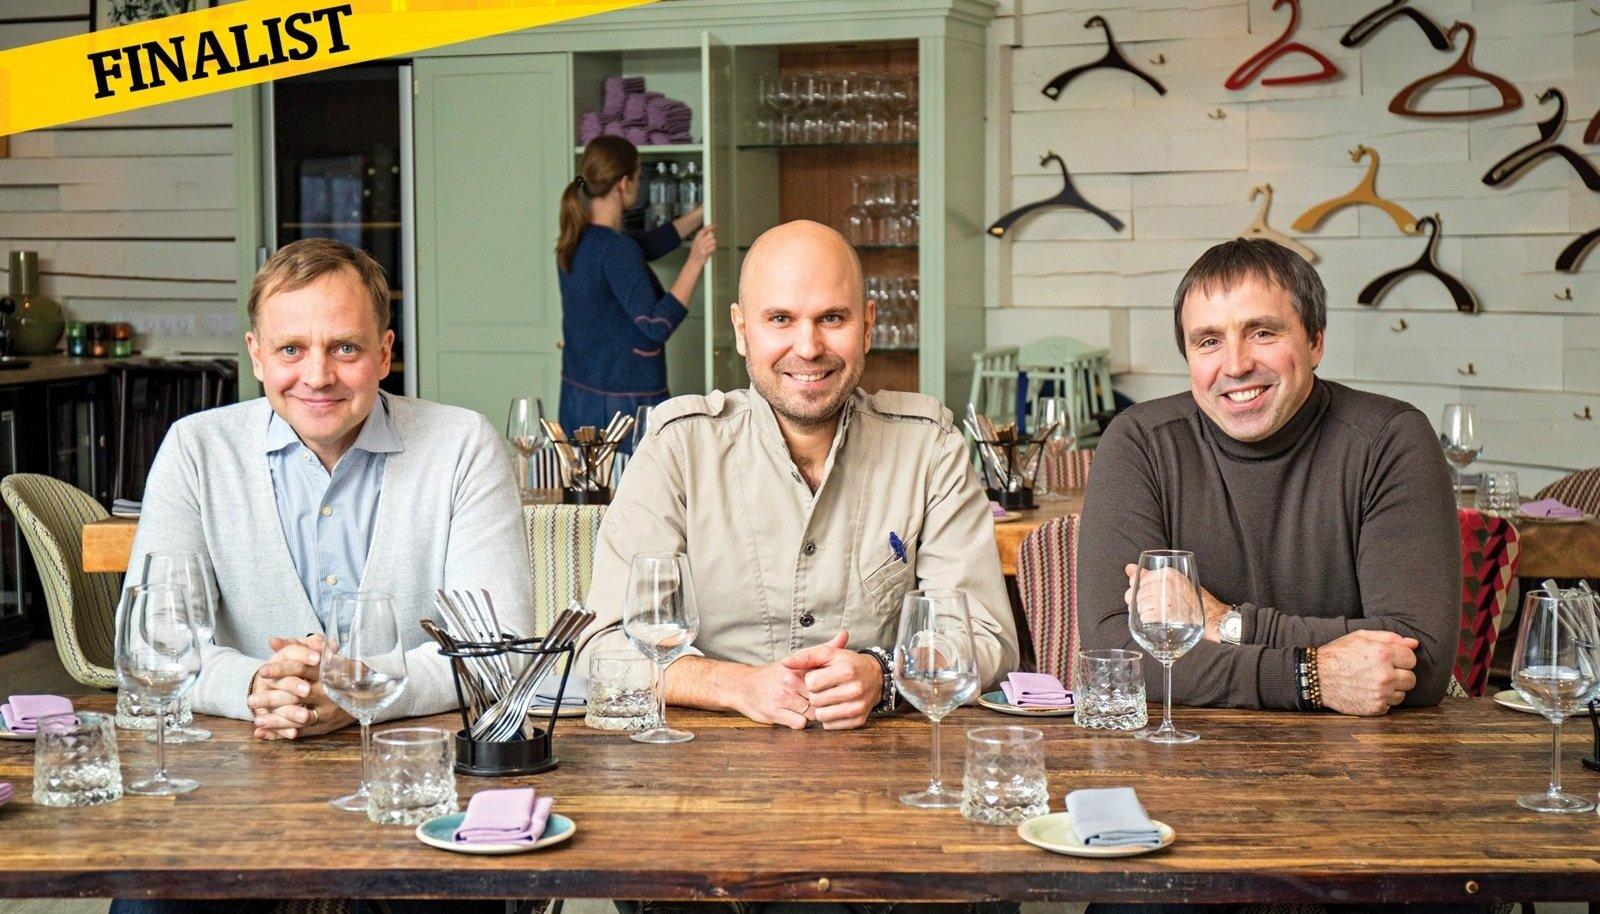 Marti Siimann, Tõnis Siigur ja Marko Zukker ehitasid üles Eesti kõige parema restoraniketi.Marti Siimann, Tõnis Siigur ja Marko Zukker ehitasid üles Eesti kõige parema restoraniketi.